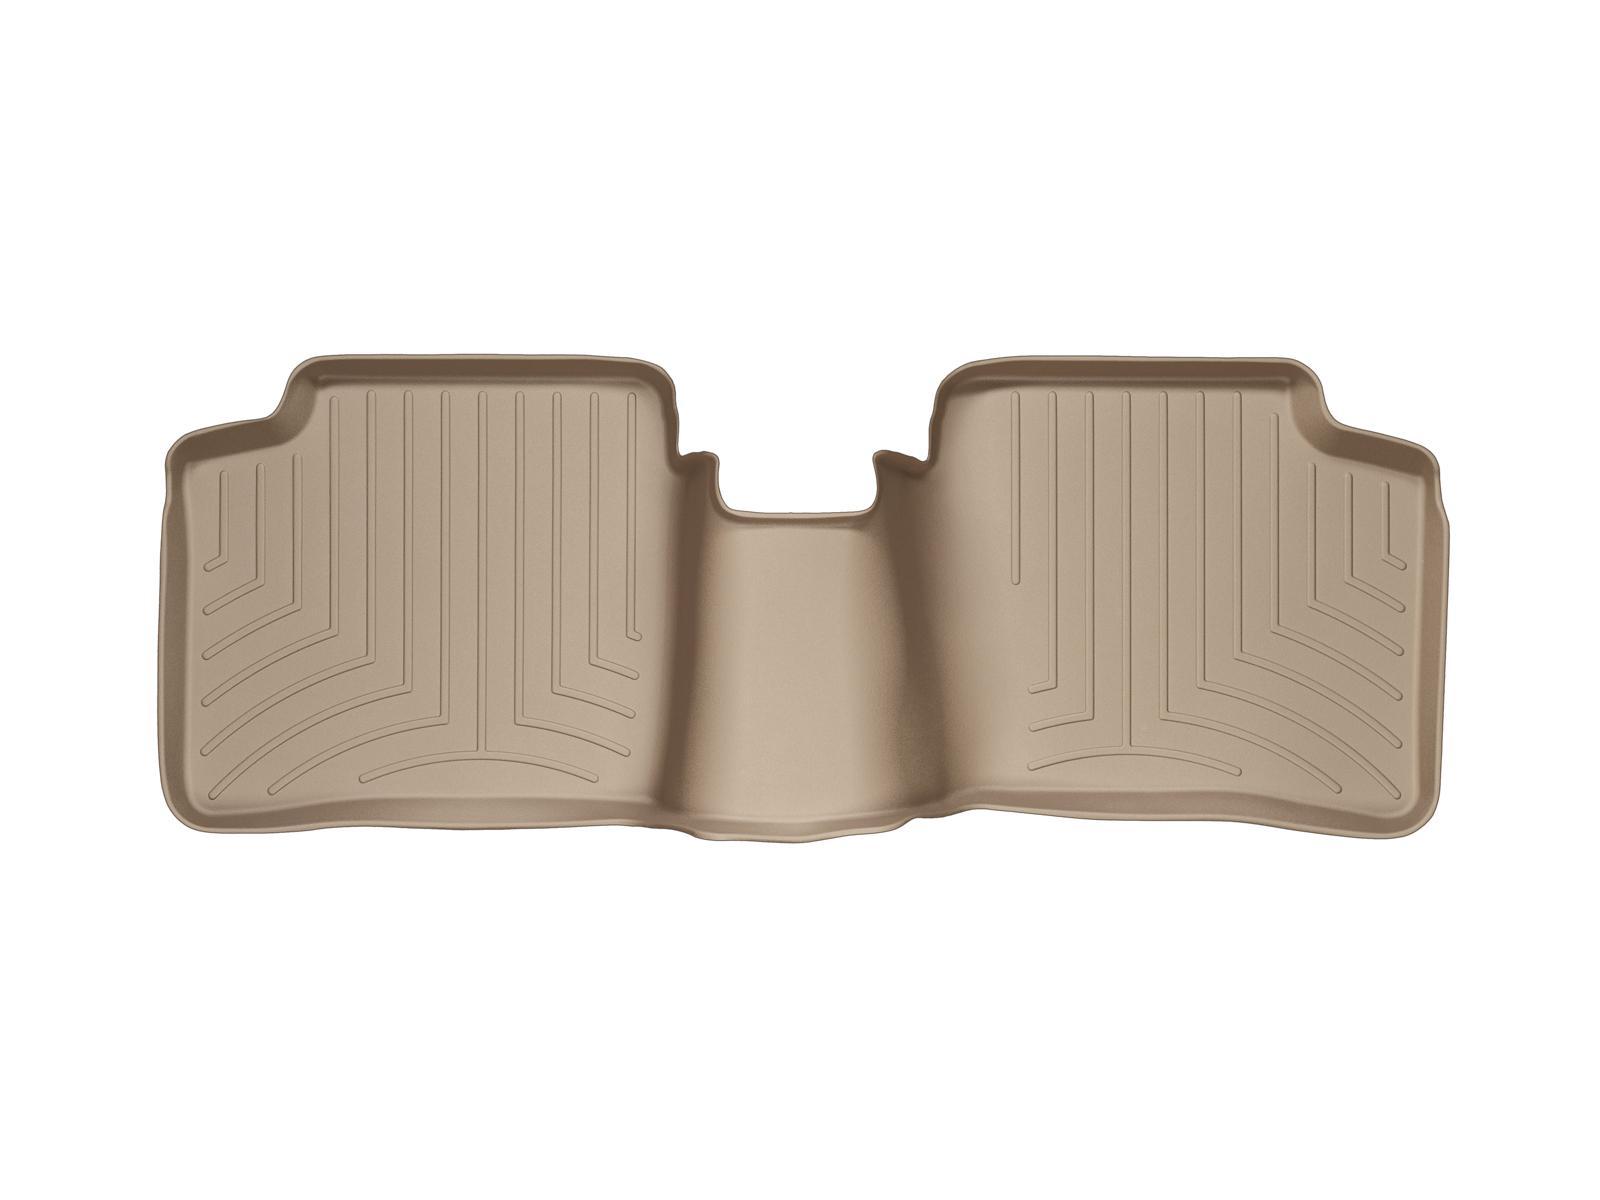 Tappeti gomma su misura bordo alto Toyota Prius 09>09 Marrone A3745*